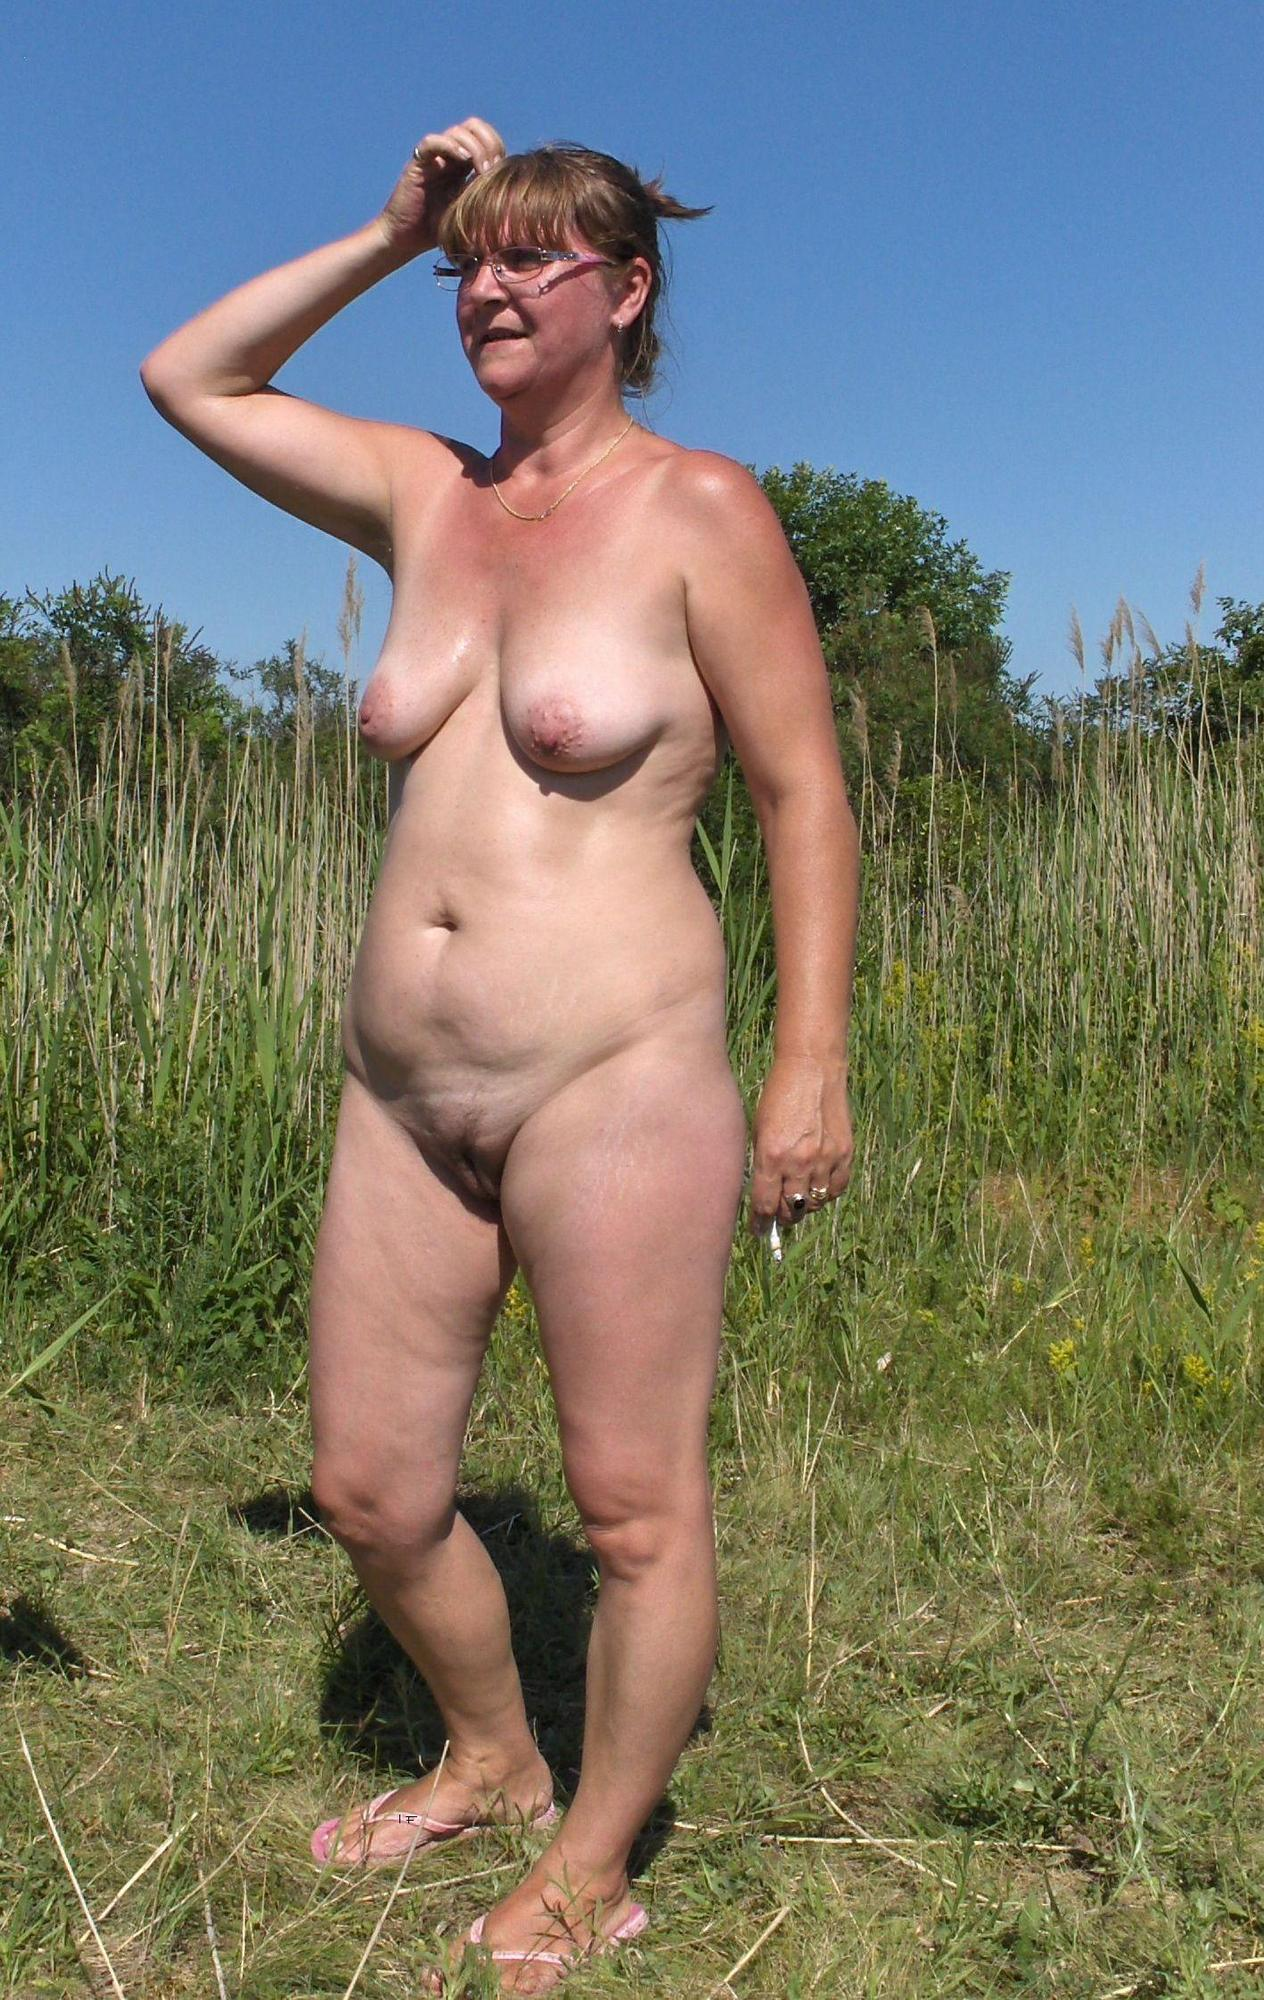 Сорокадевятилетняя барышня стоит в поле без трусиков